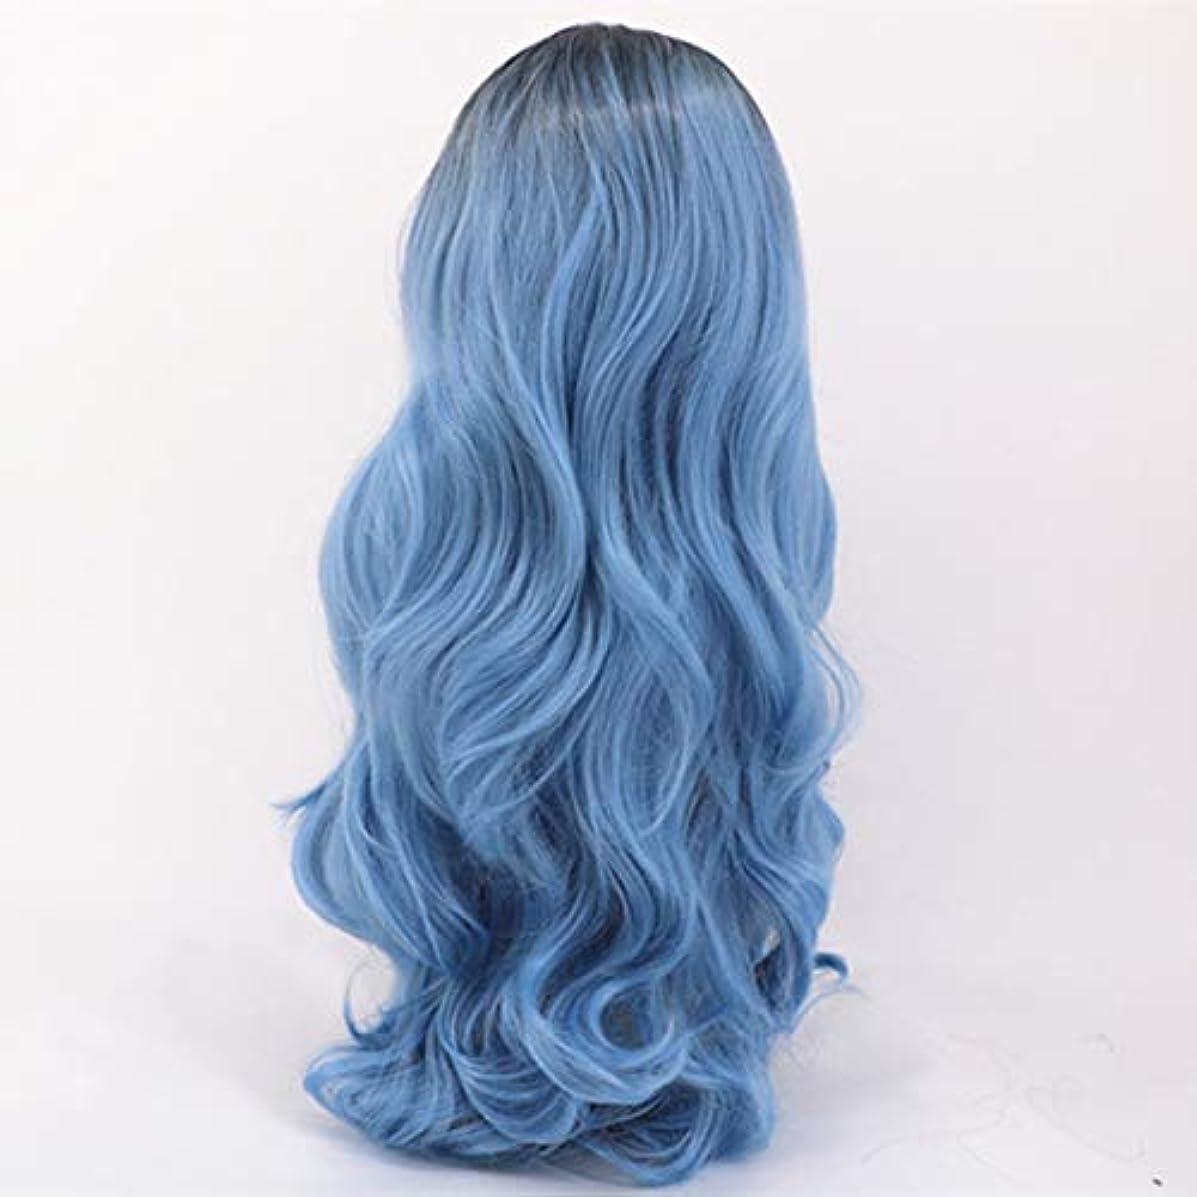 額リスみなさん女性のためのロングストレートヘアウィッグブルー気質フェイスハイエンドかつら自然に見える耐熱合成ファッションかつら